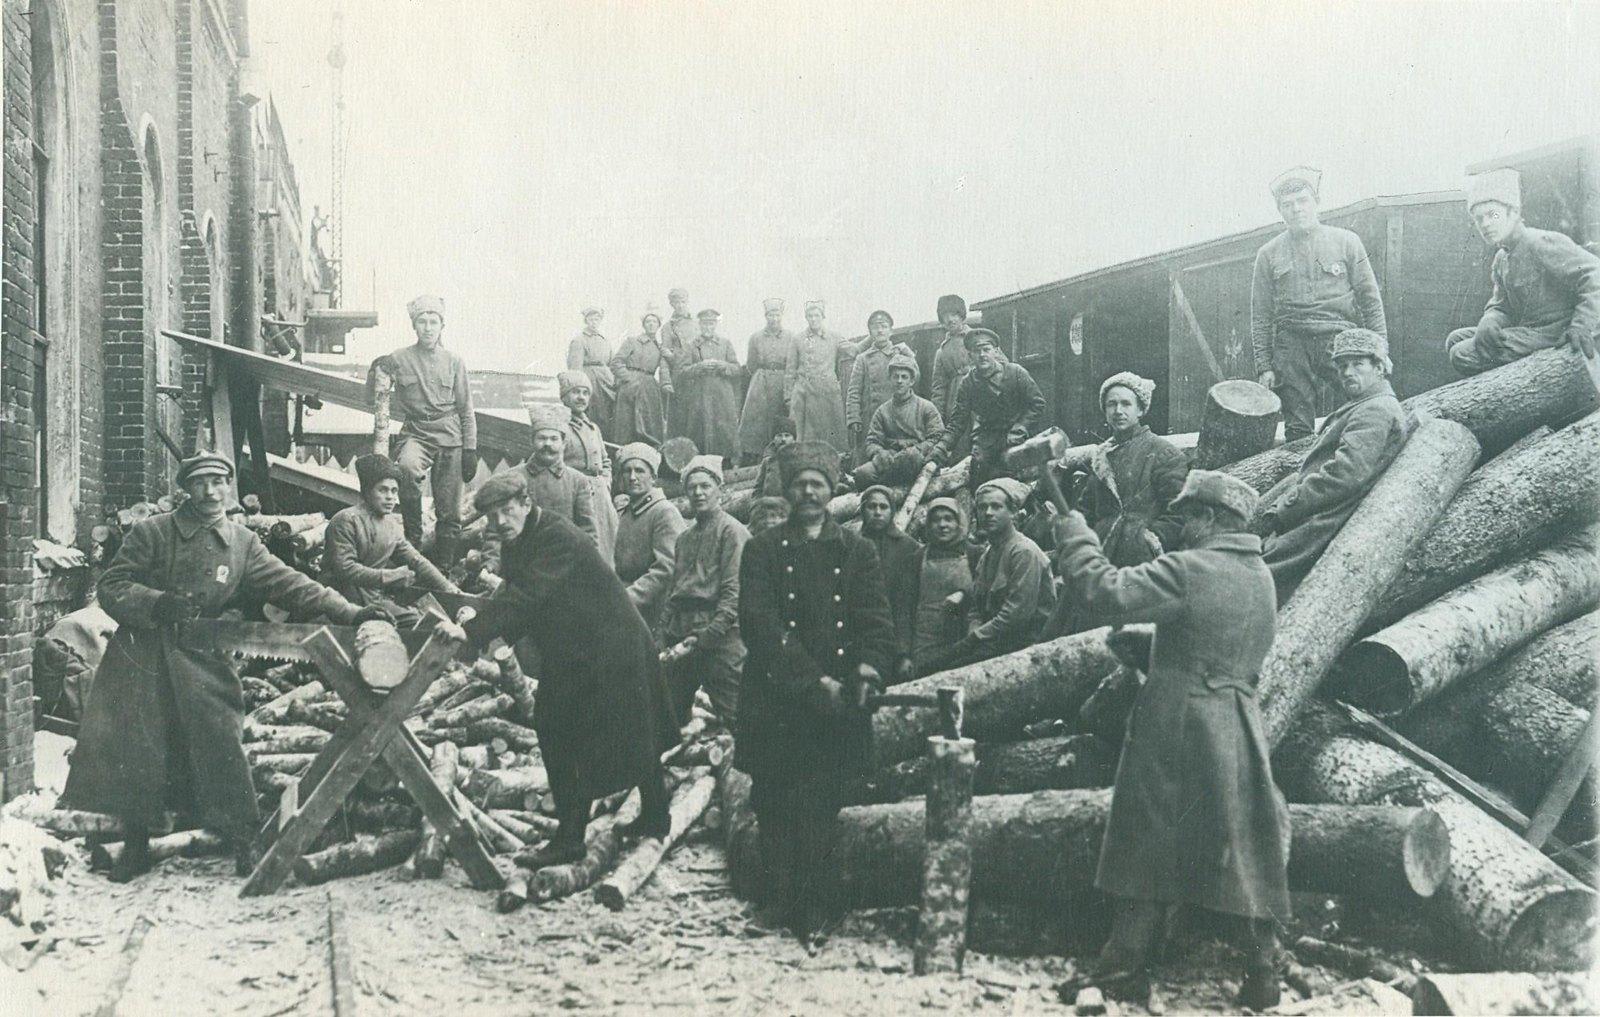 08_Pervy_kommunisticheskiy_subbotnik_na_Kazanskom_vokzale_v_Moskve_Zagotovka_drov_1919_god